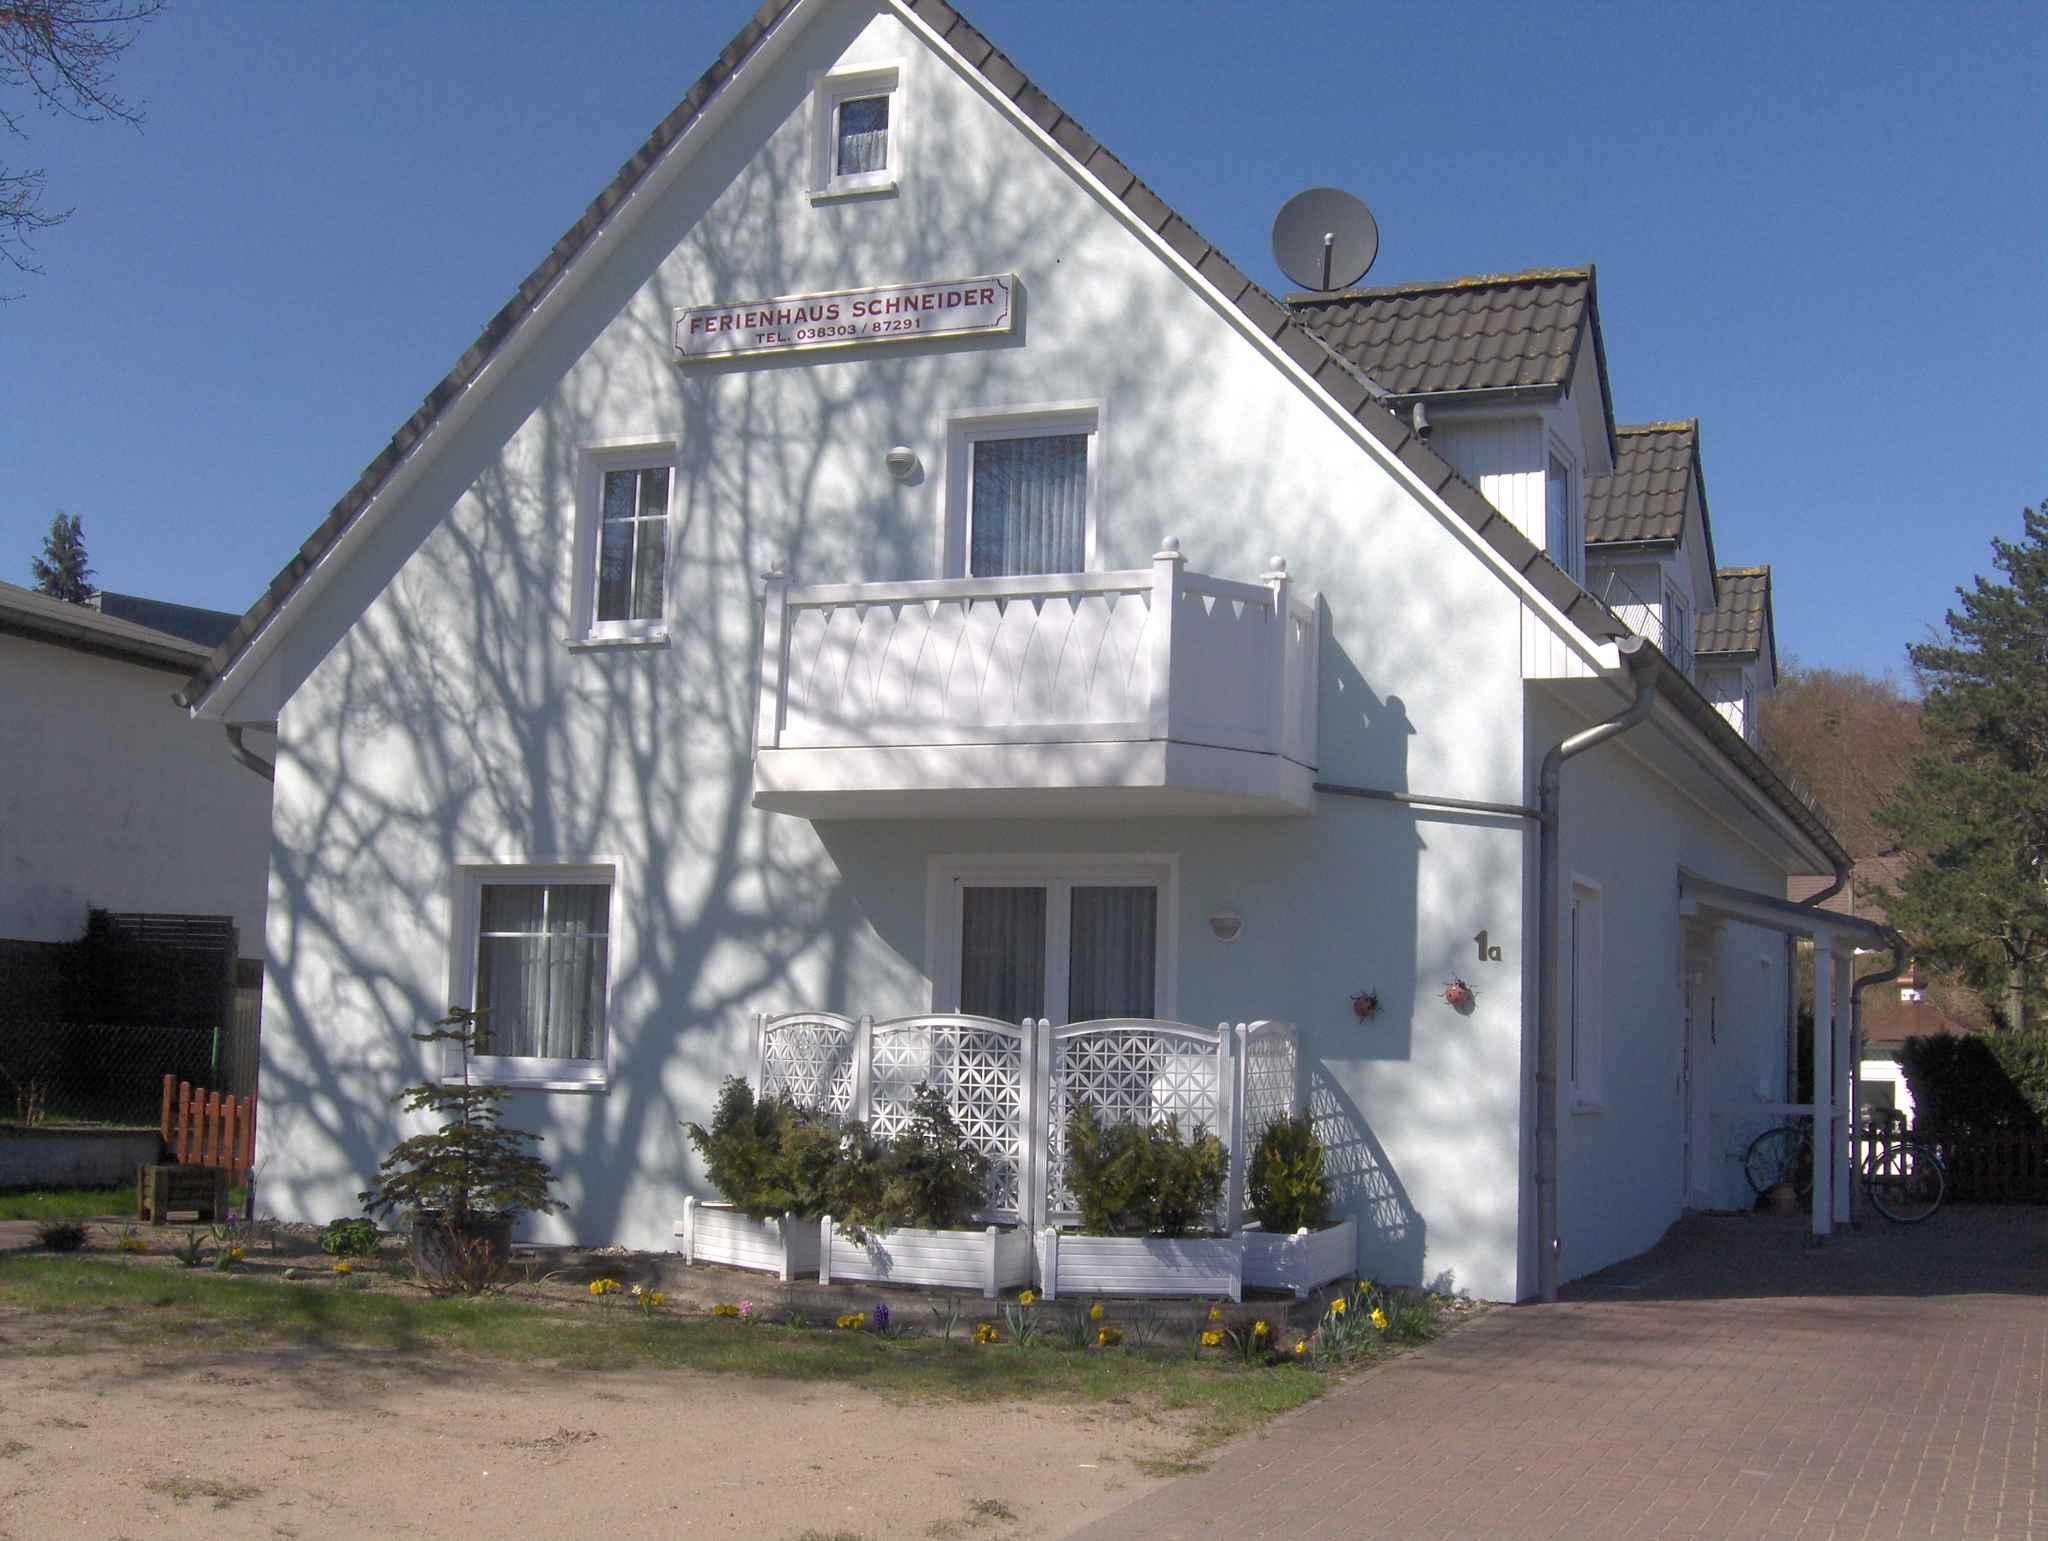 Ferienwohnung mit Terrasse und Saunanutzung (387114), Sellin, Rügen, Mecklenburg-Vorpommern, Deutschland, Bild 1